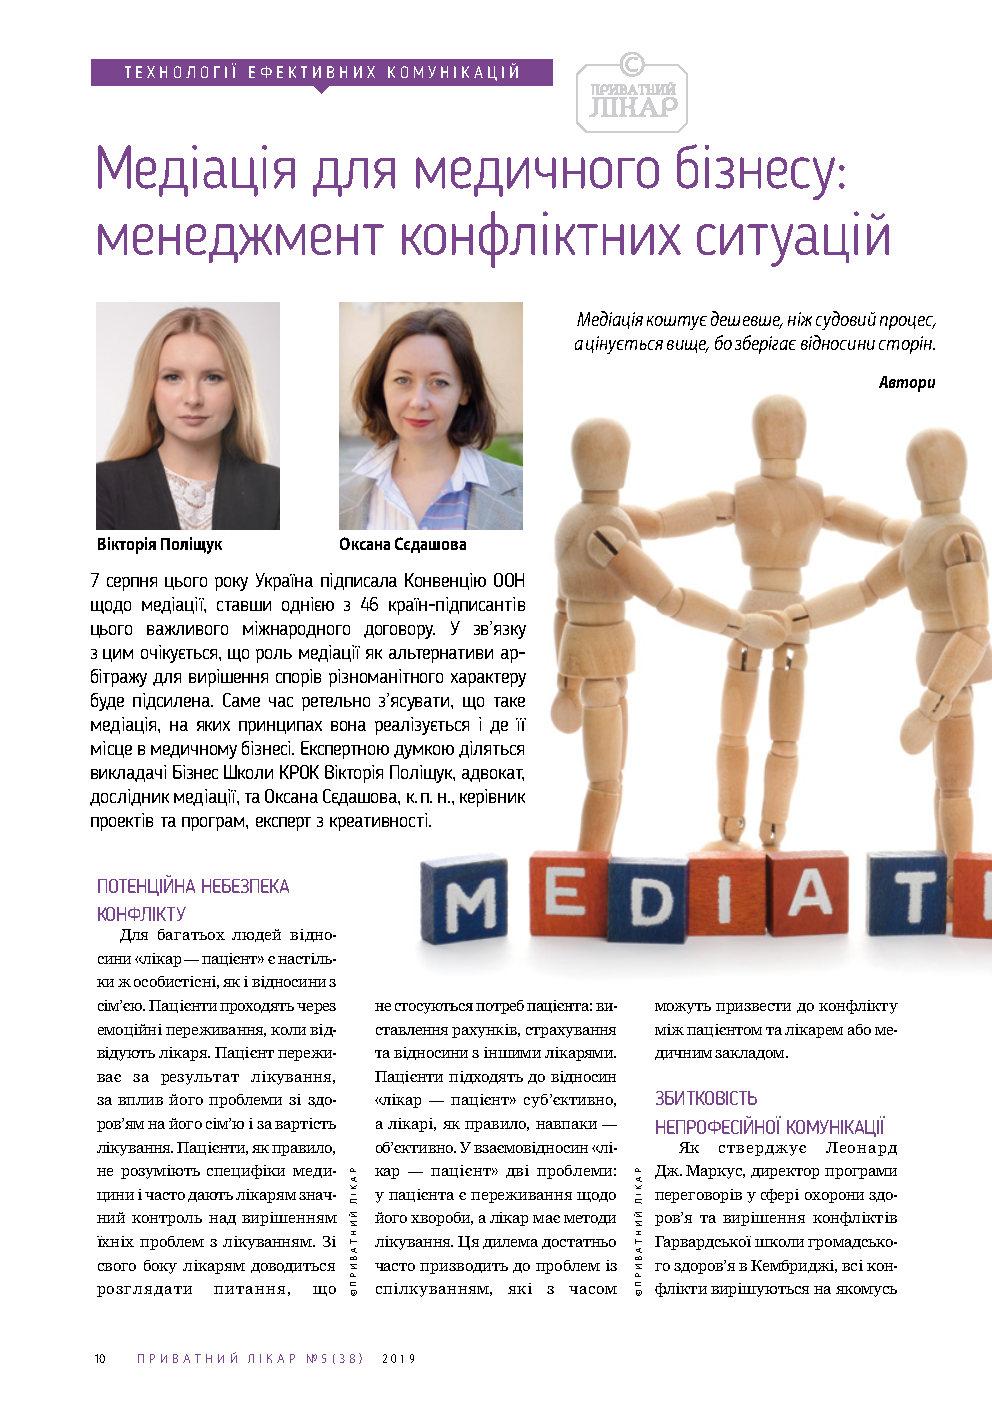 Медіація кофліктів в медицині